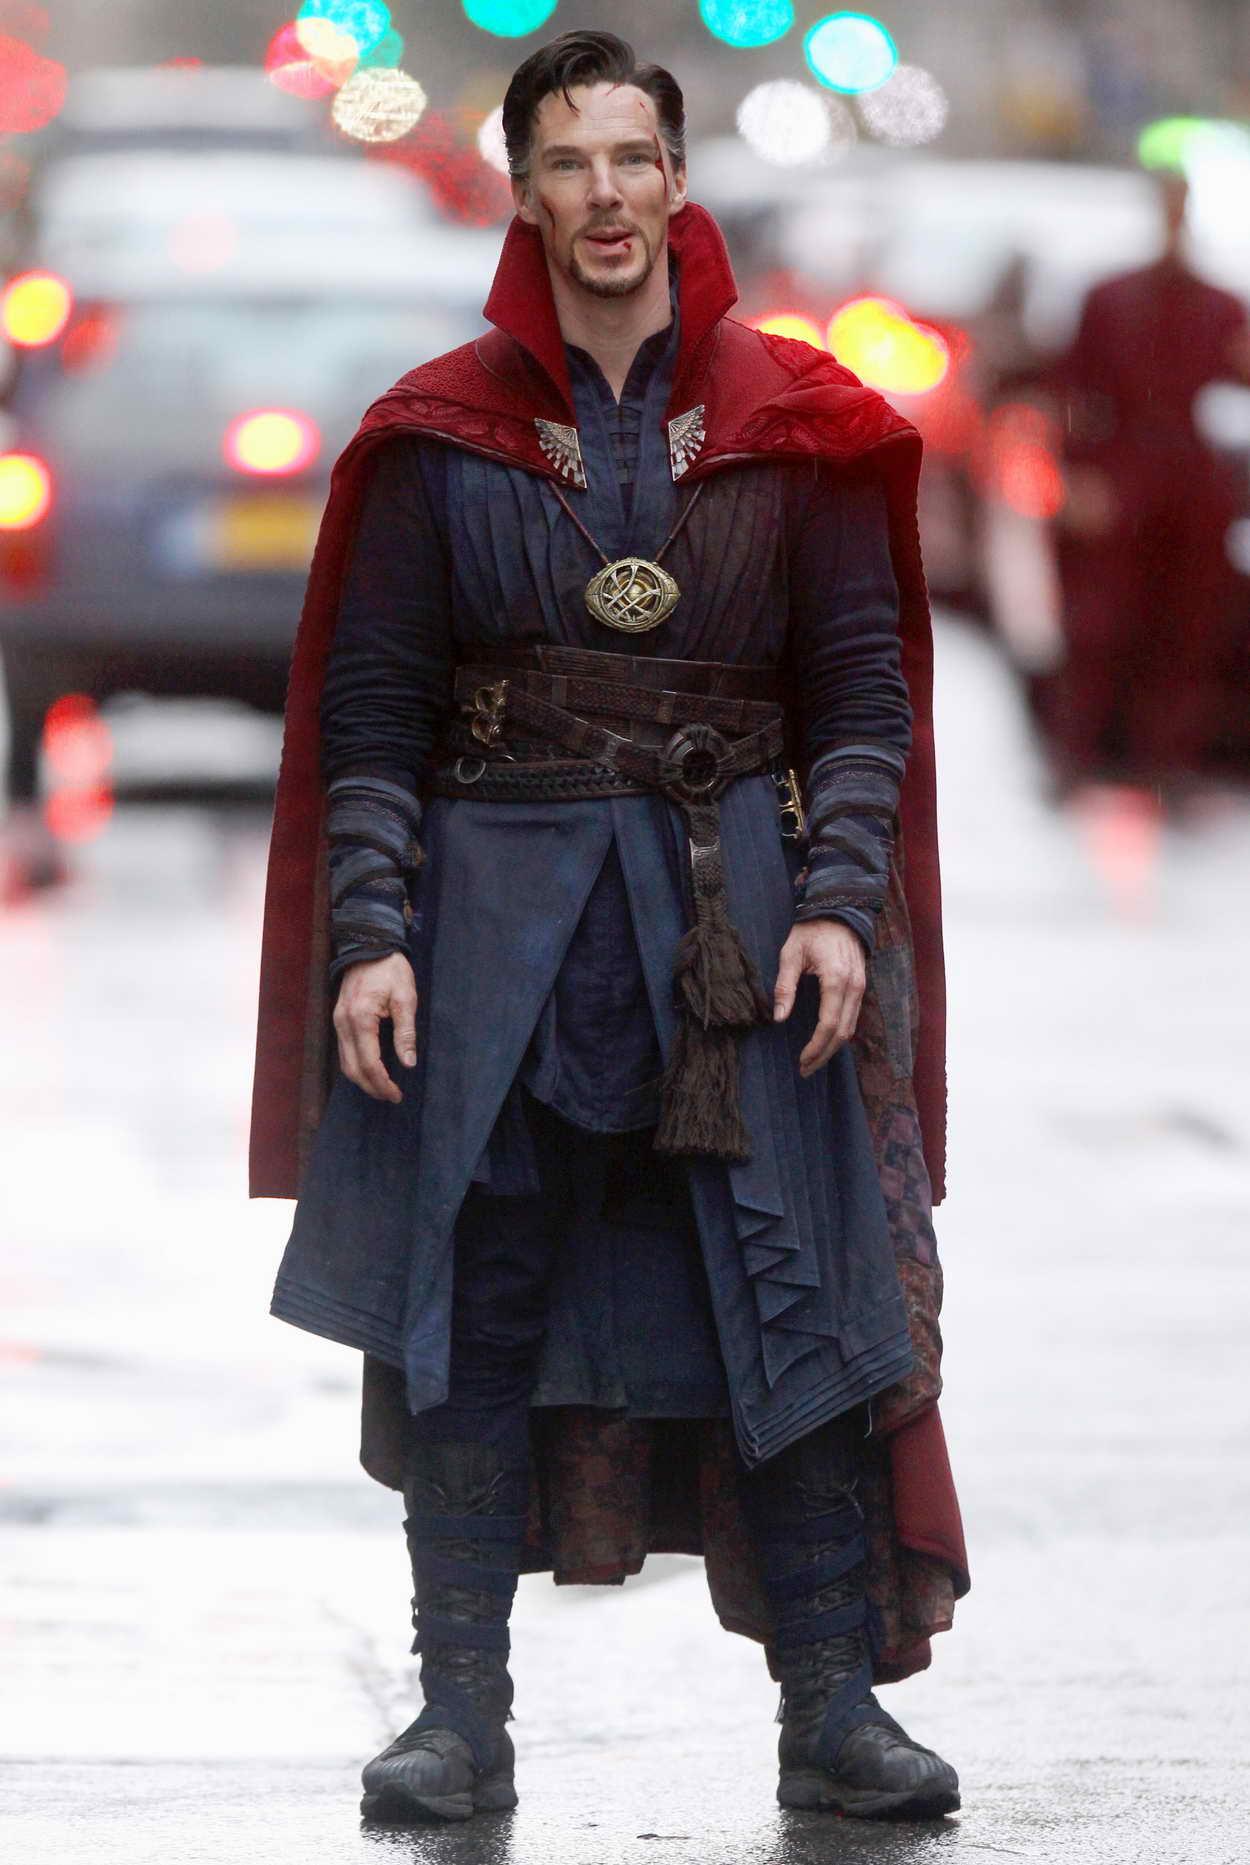 Benedict Cumberbatch on Set of Doctor Strange in Manhattan 04/02/2016 ... Benedict Cumberbatch